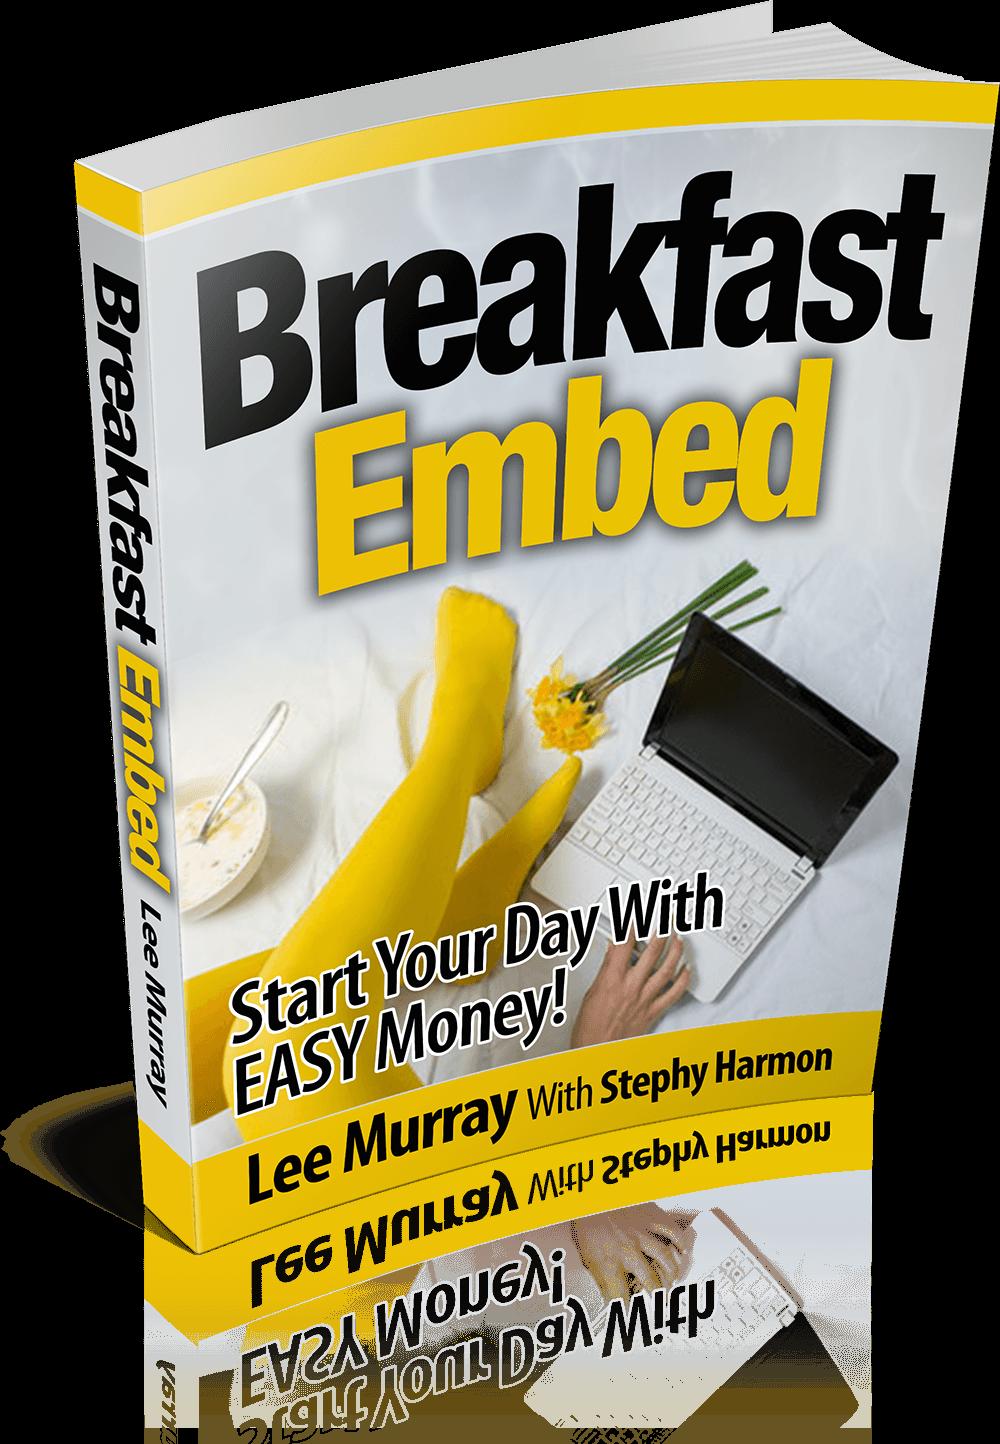 教你如何建立以他人YouTube视频作品为中心的网站加上自己的文字介绍获取大量免费流量(Breakfast Embed)